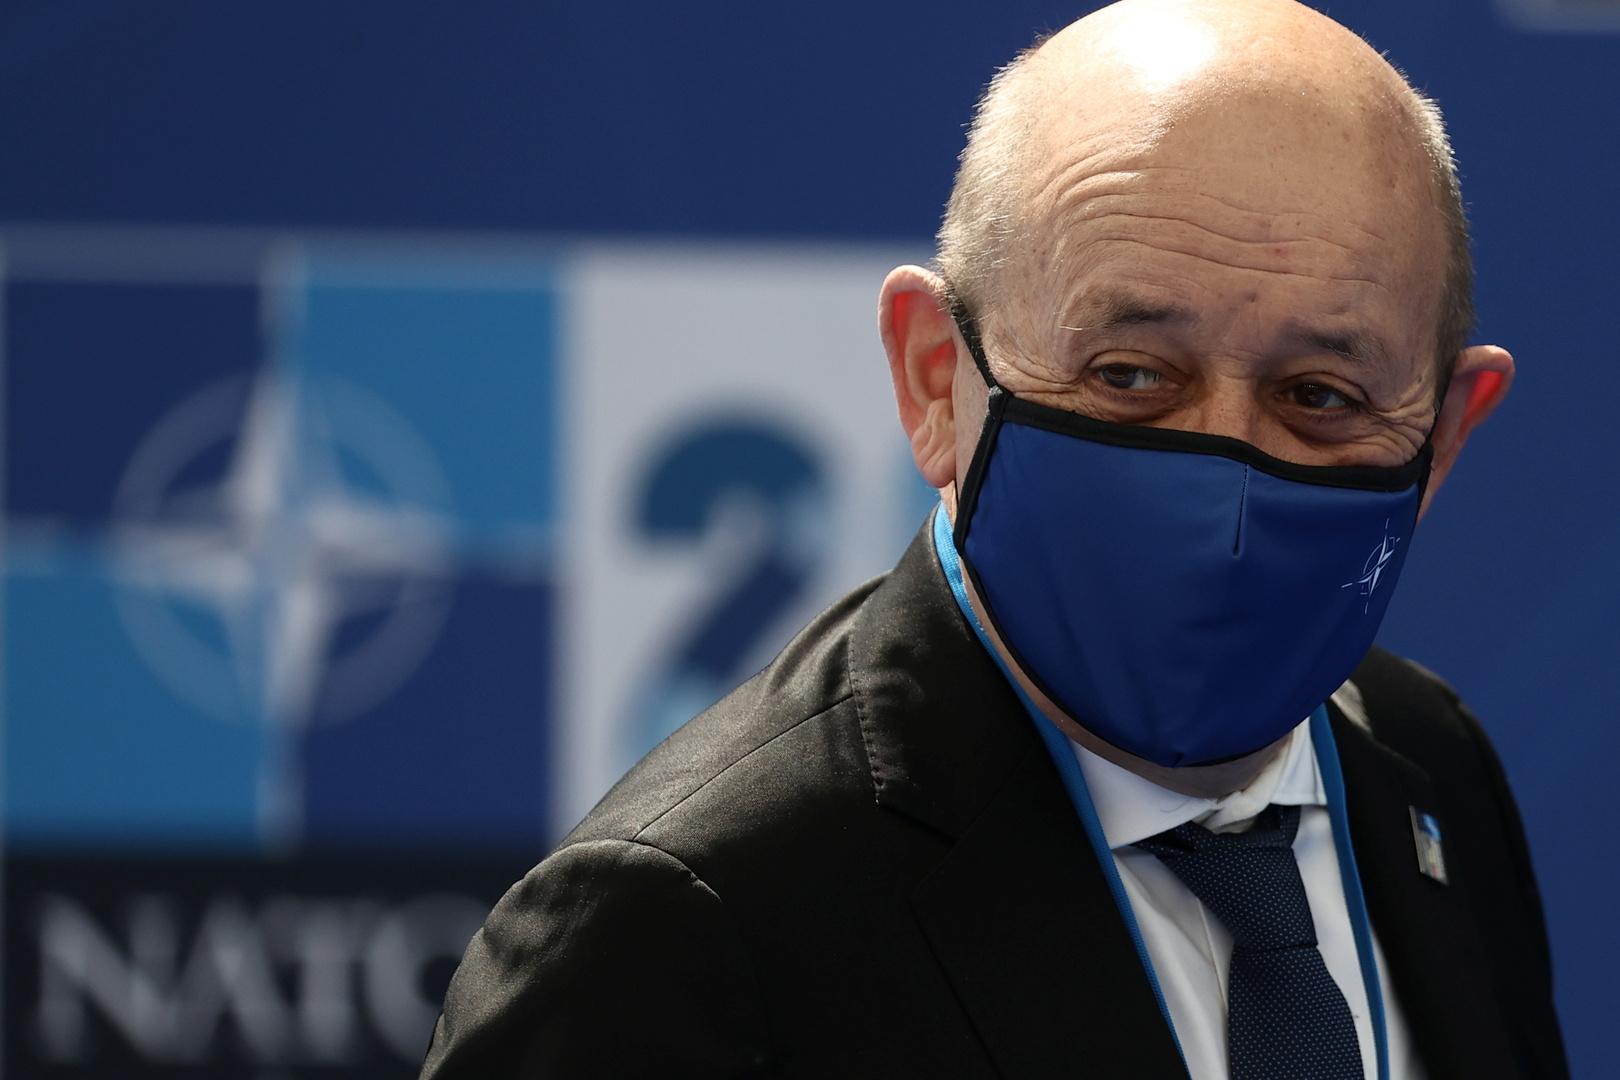 فرنسا: دخلنا مرحلة وقف إطلاق نار لفظي مع تركيا